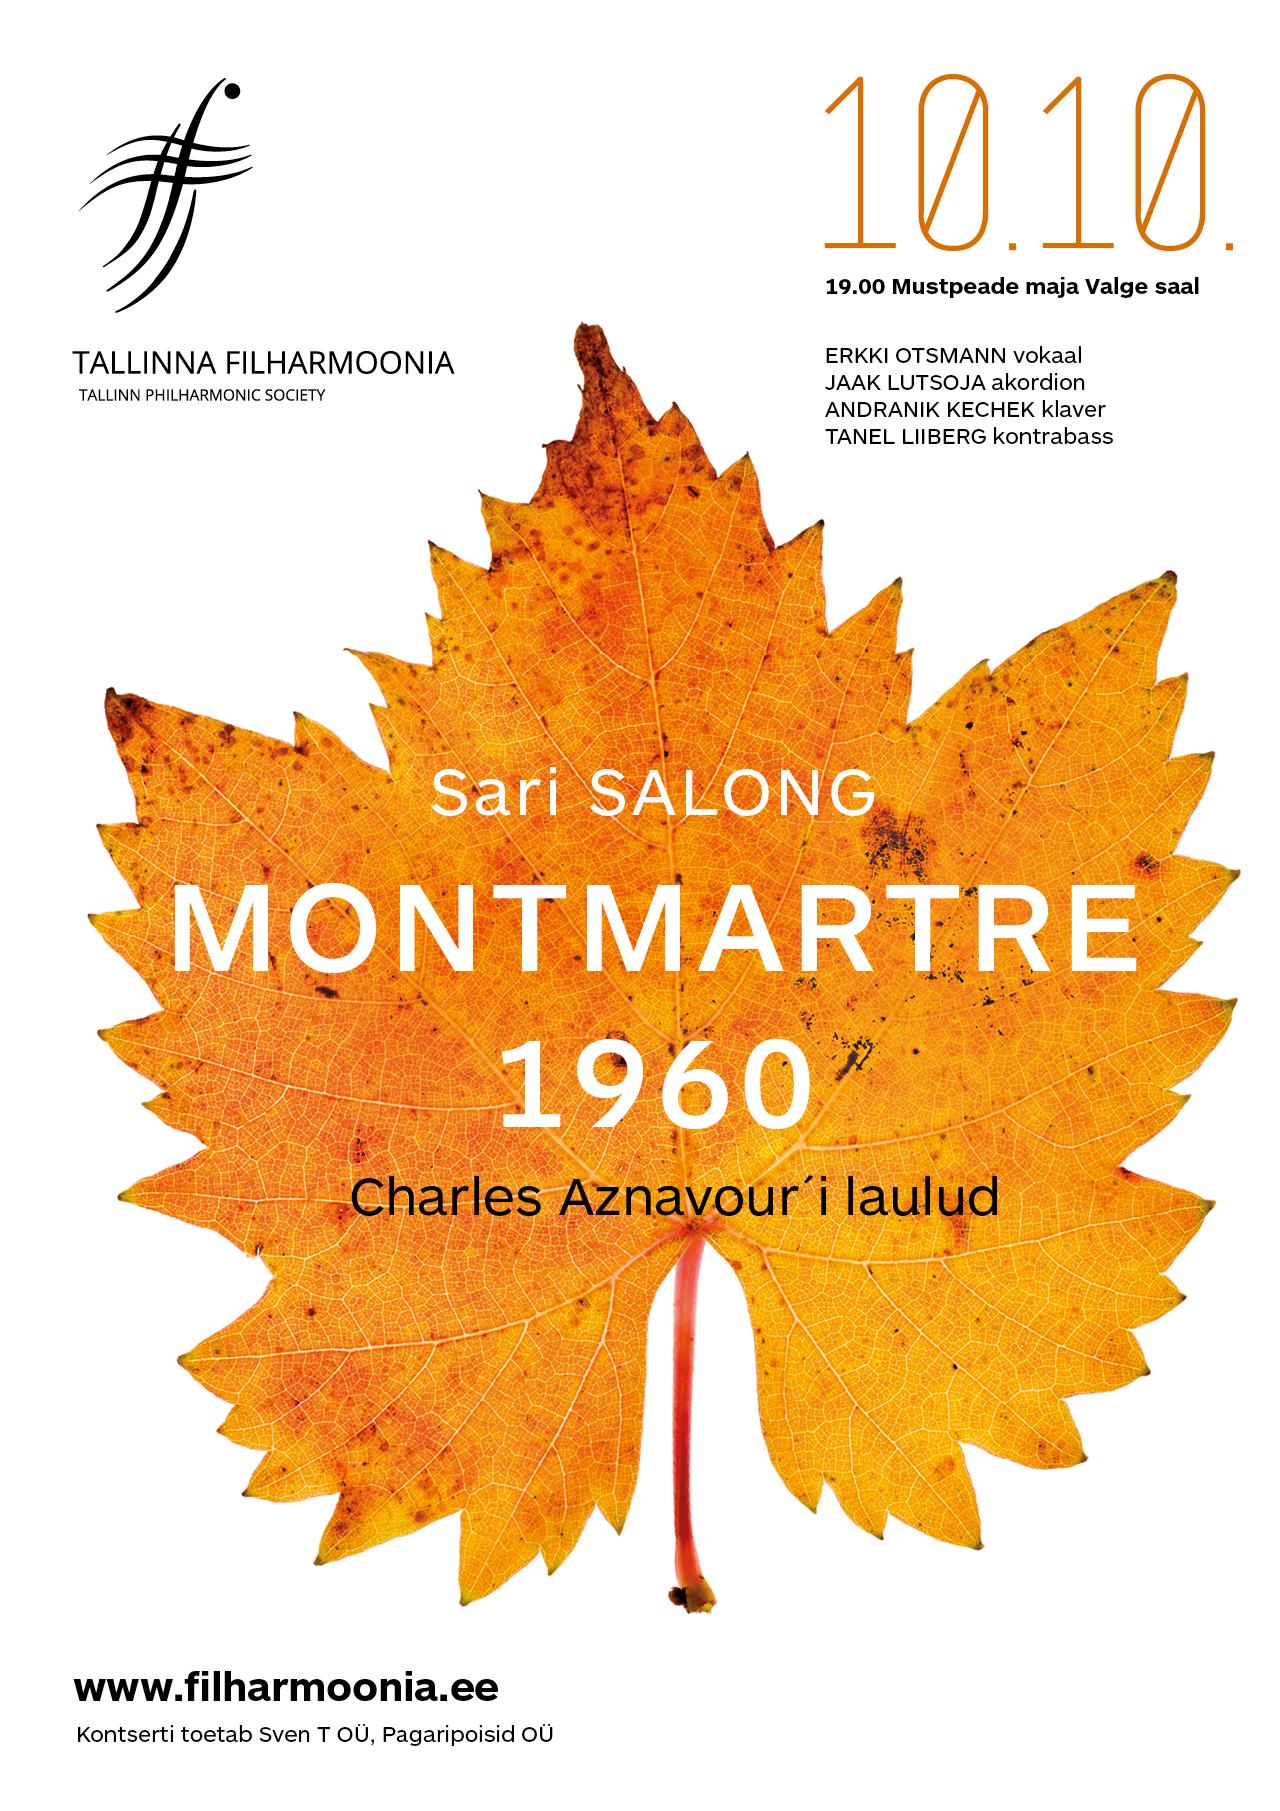 Sari SALONG. MONTMARTRE 1960